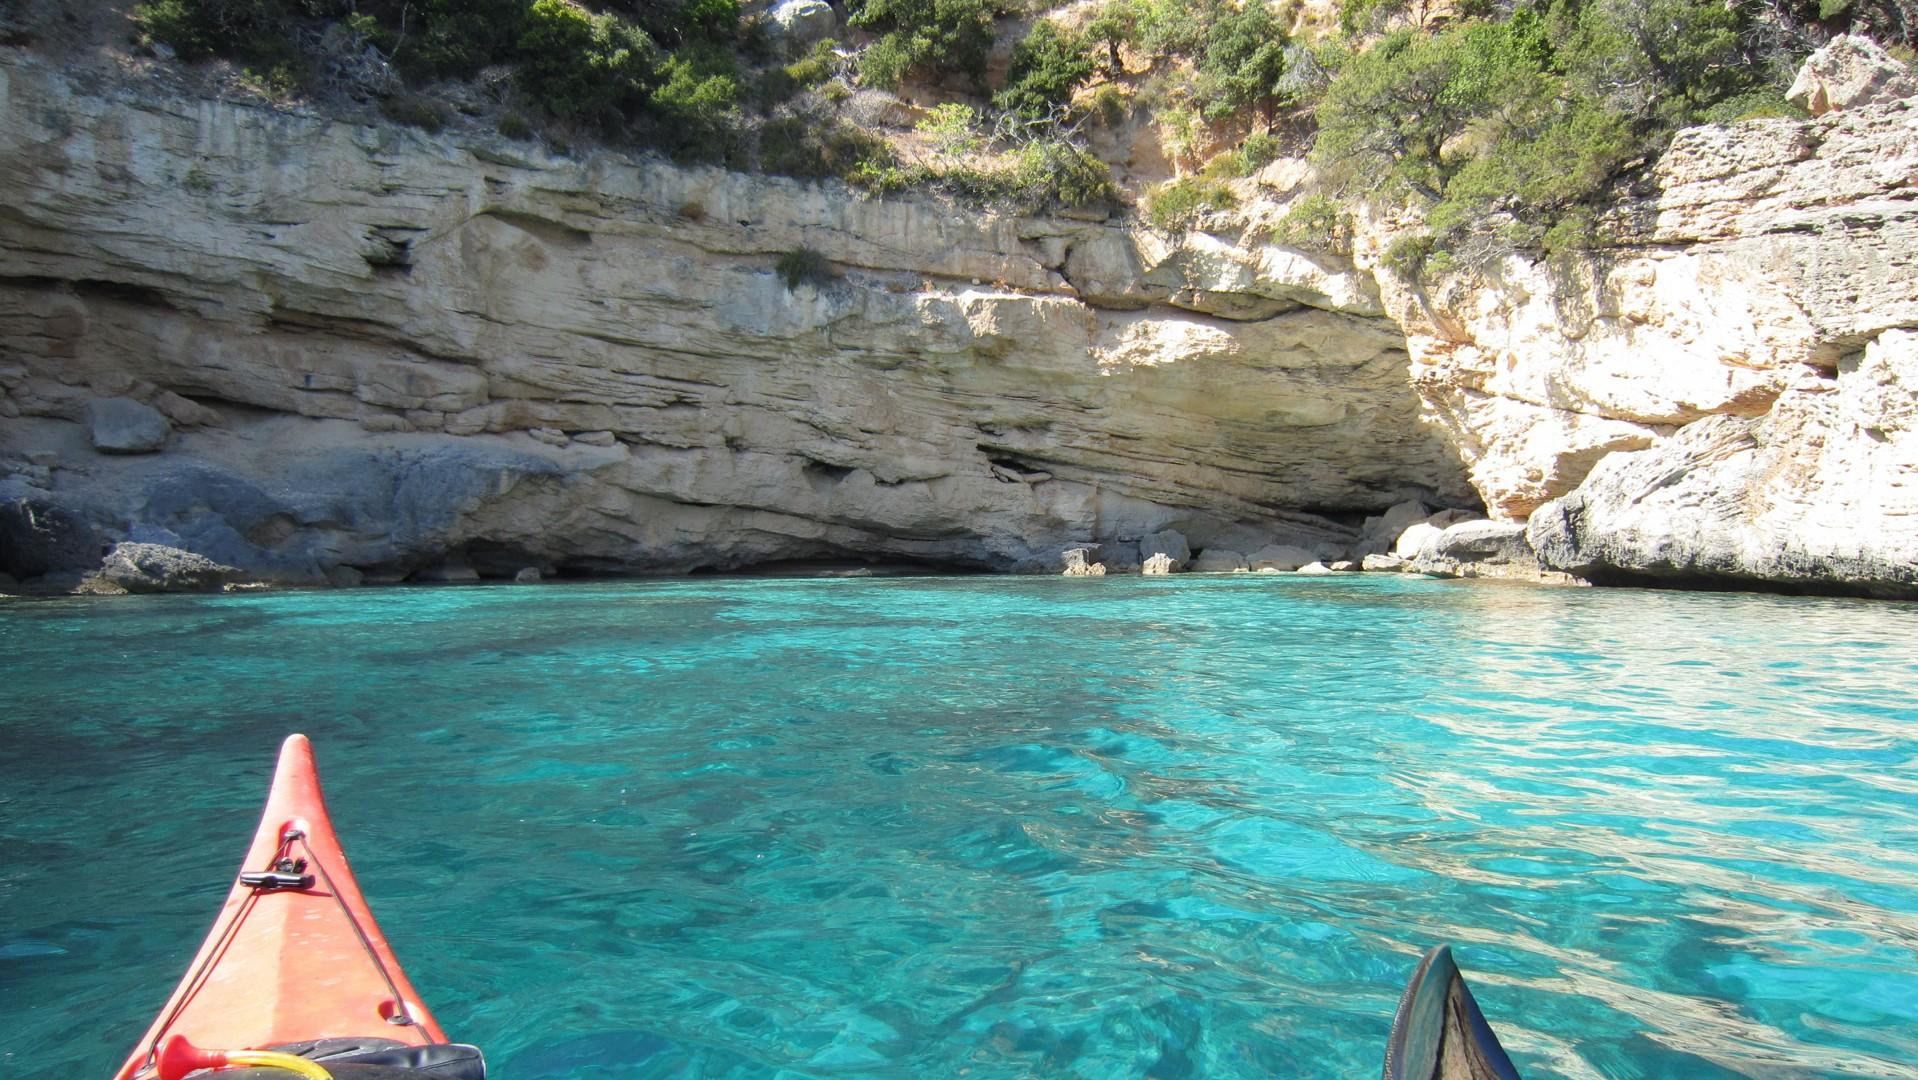 Kayak 2010 123.jpg - Sardinia - Wilderness Blue Sea Kayaking - Kayaking